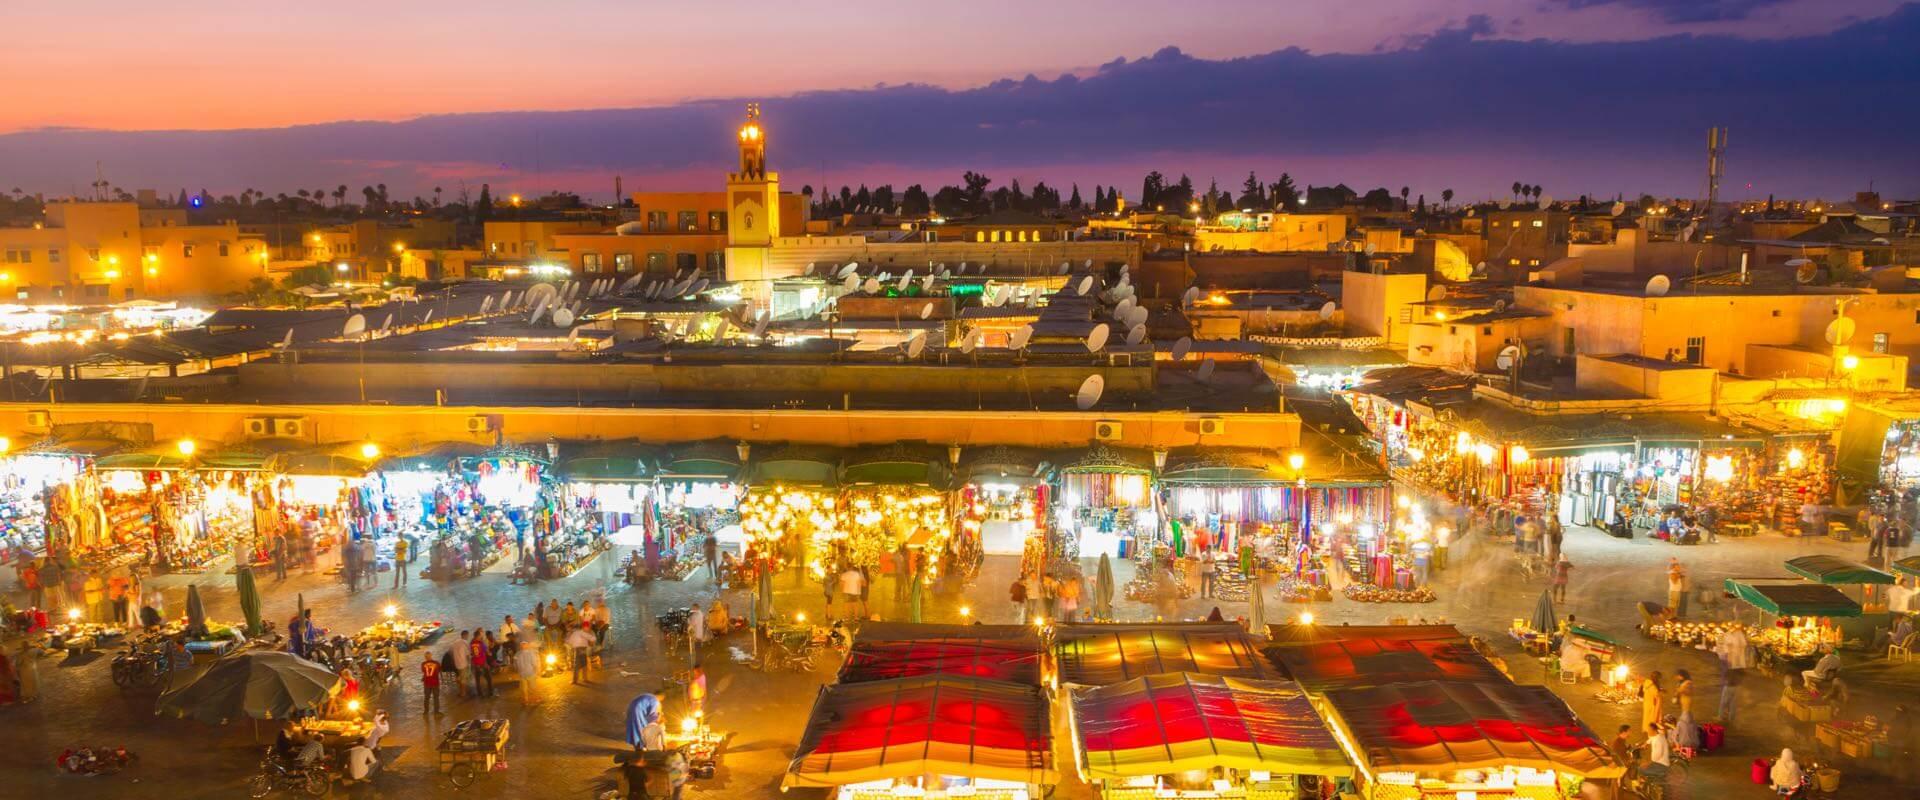 6 Days Tour Casablanca to Marrakech through Fes